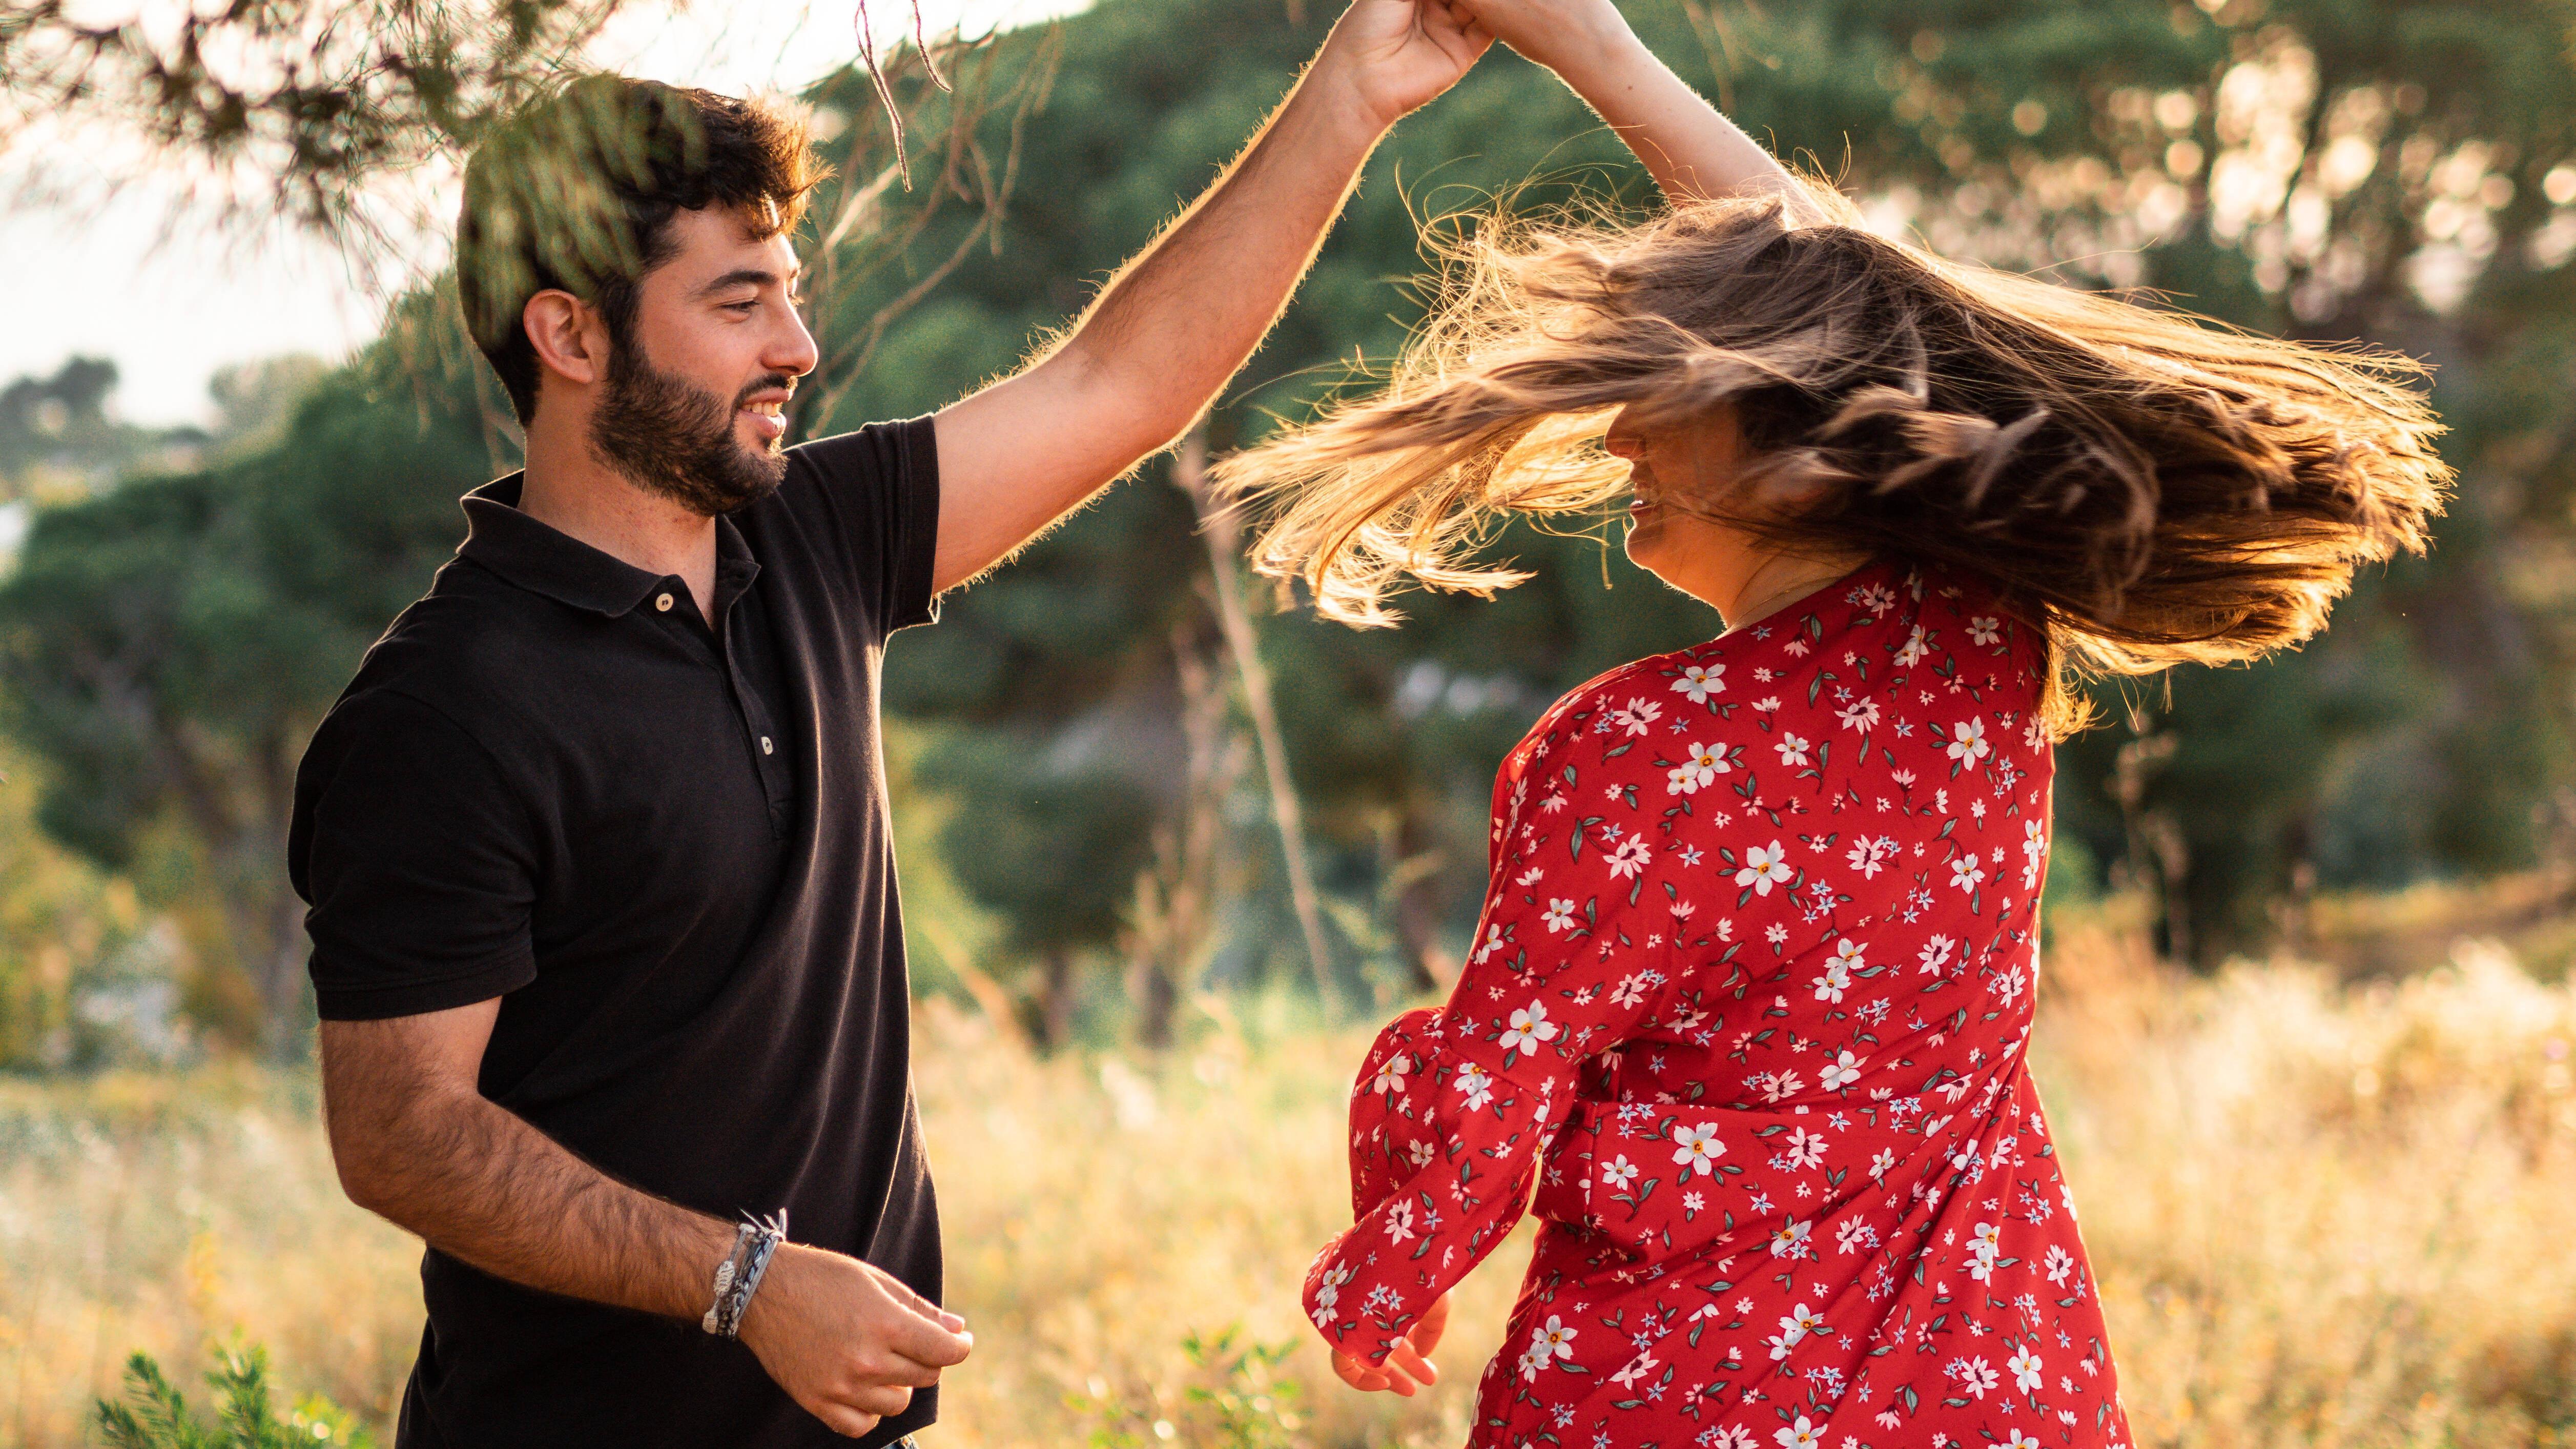 Harmonische Beziehung führen - so gelingt's